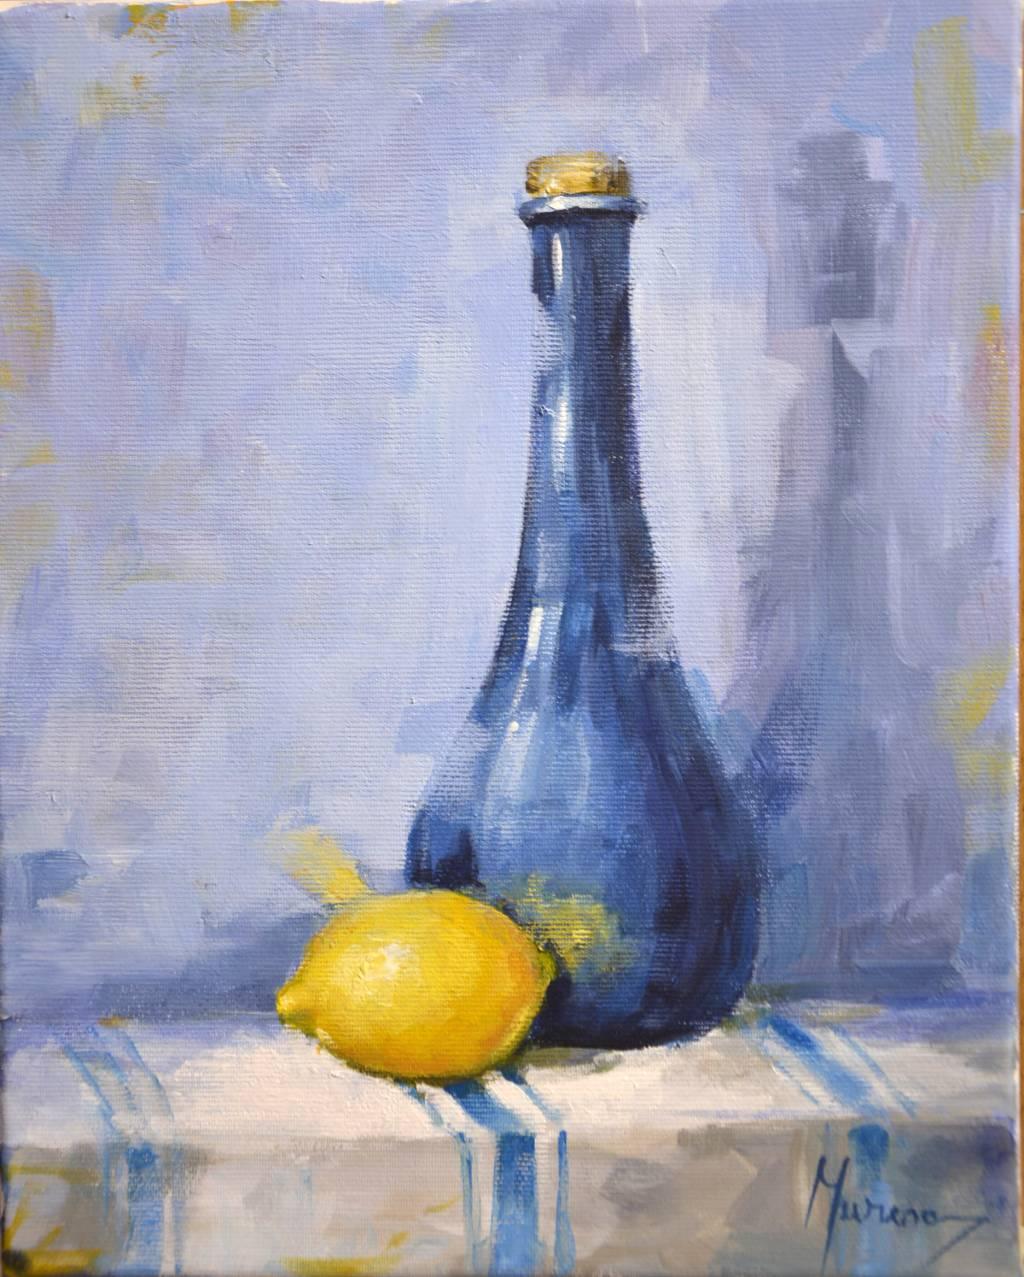 Poza The lemon